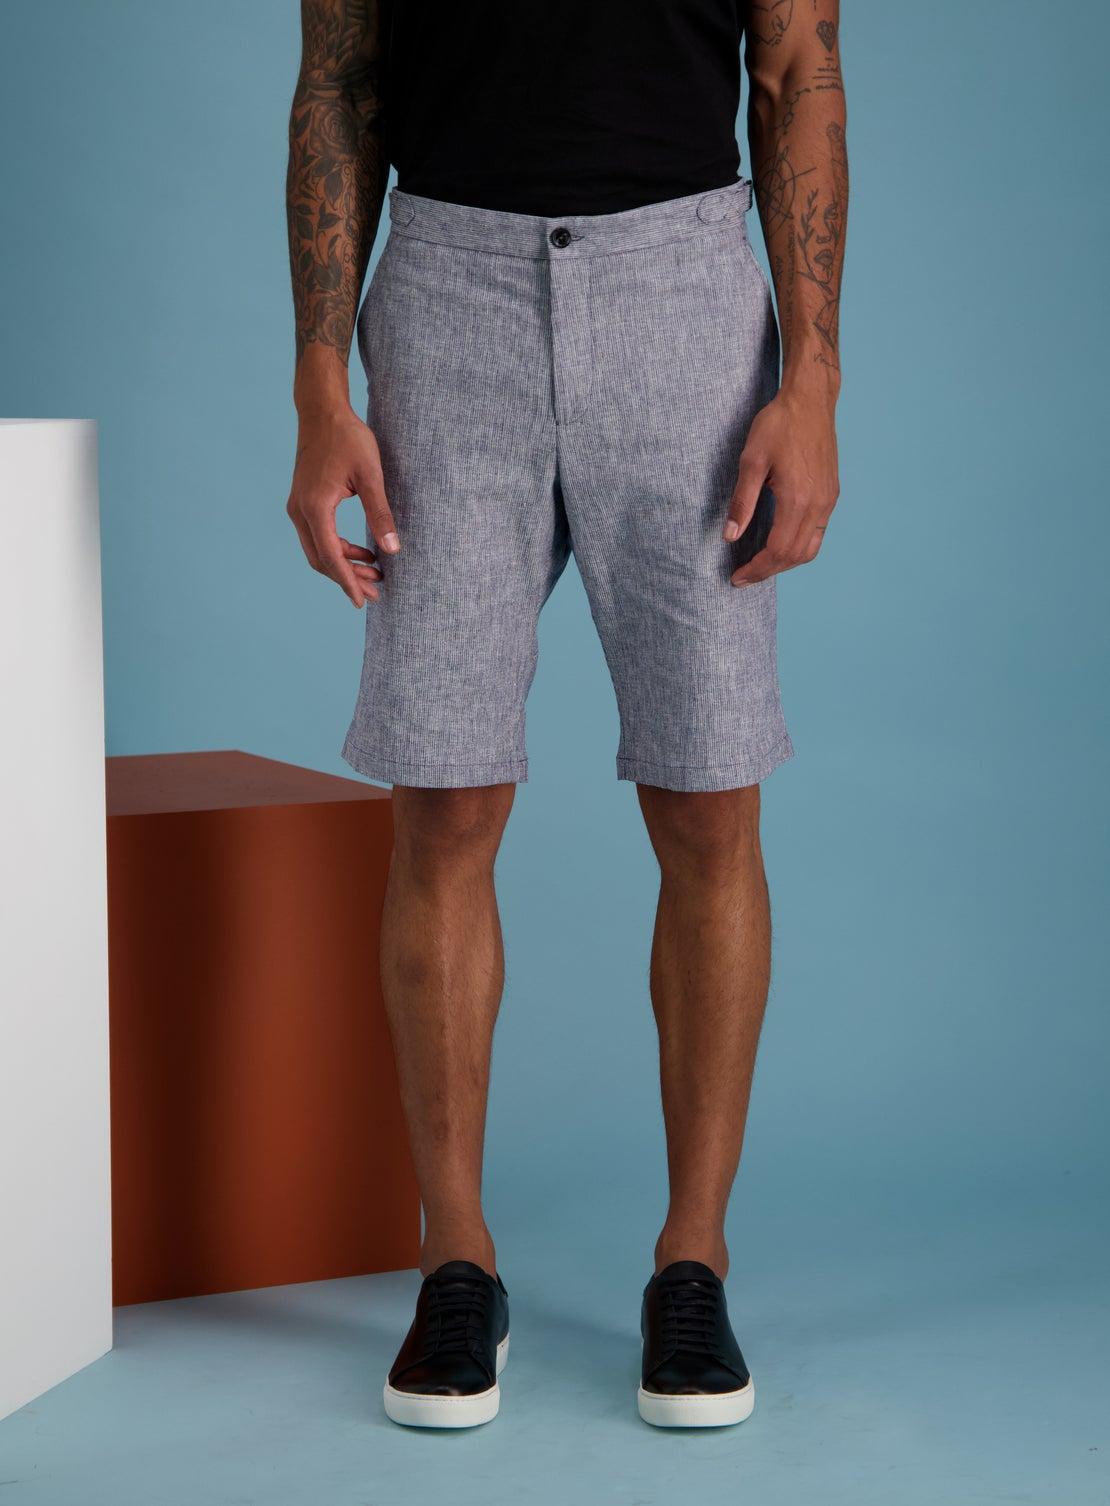 Hogan Navy Side Adjuster Shorts